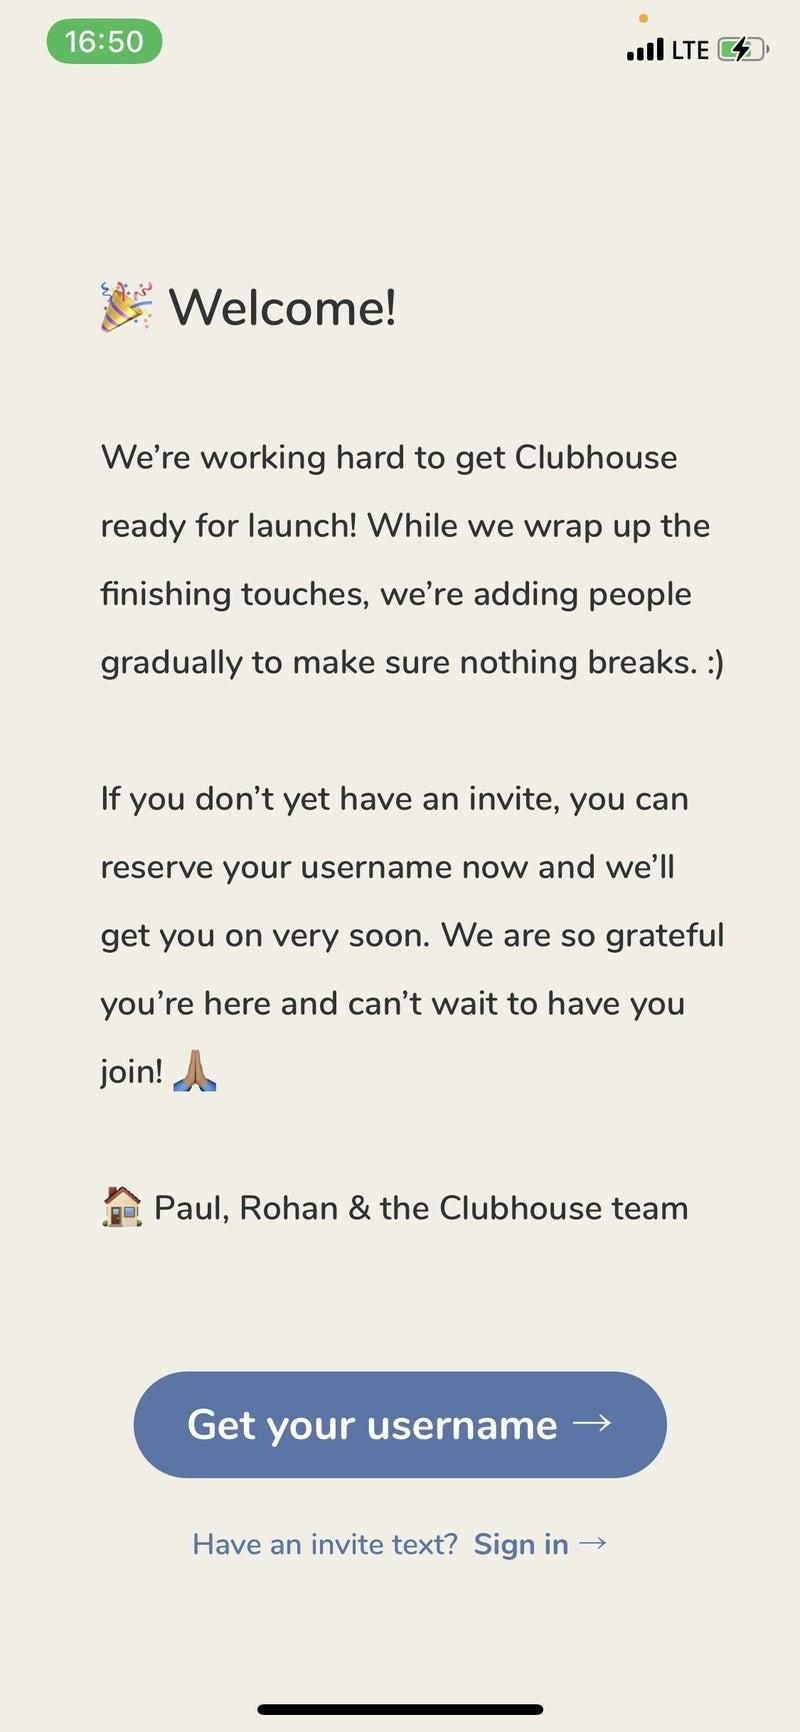 され たい 招待 clubhouse